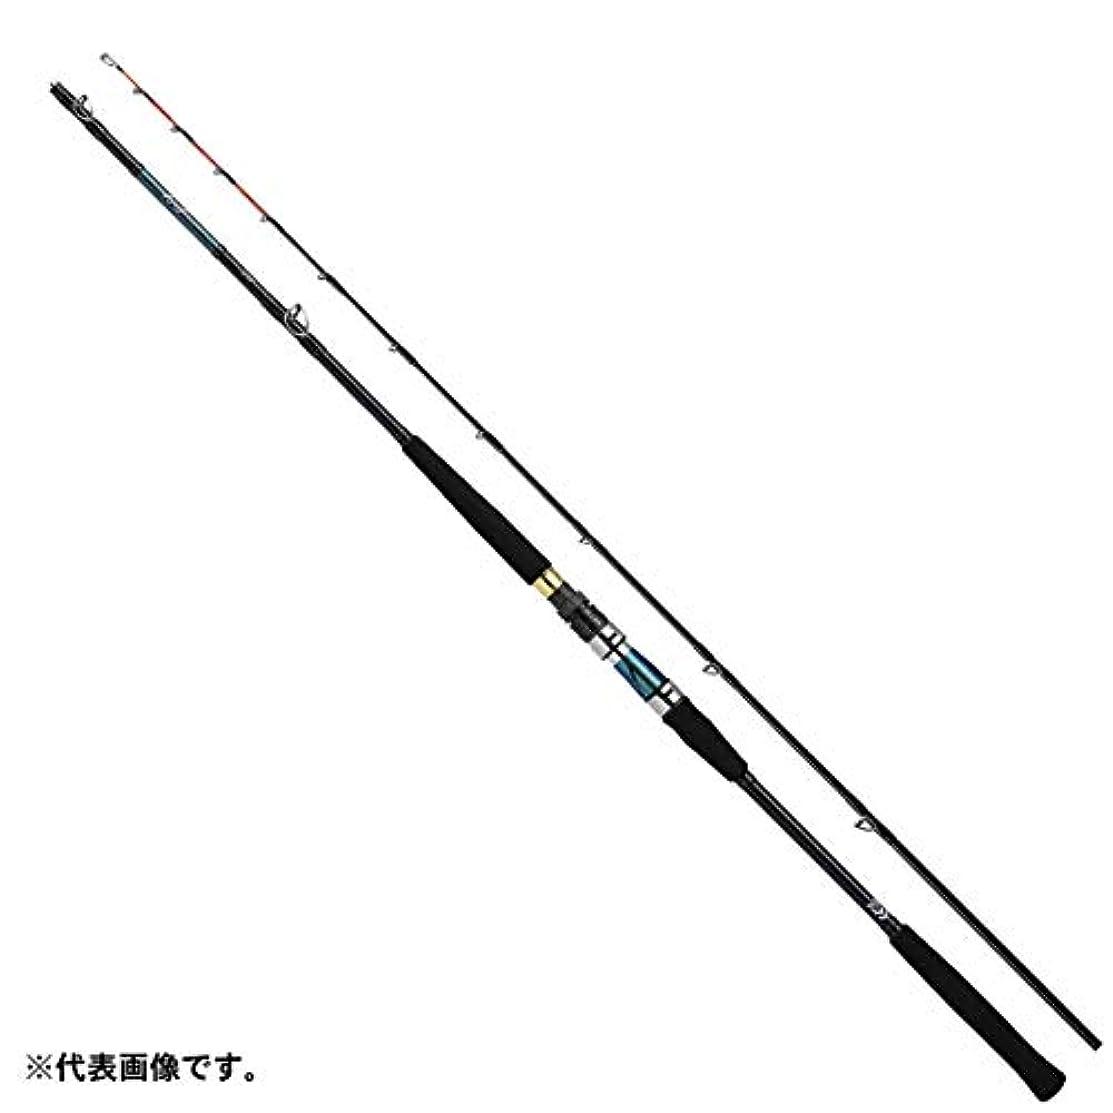 ぜいたく褐色運動ダイワ(DAIWA) 18 剣崎 MT 120-200MT